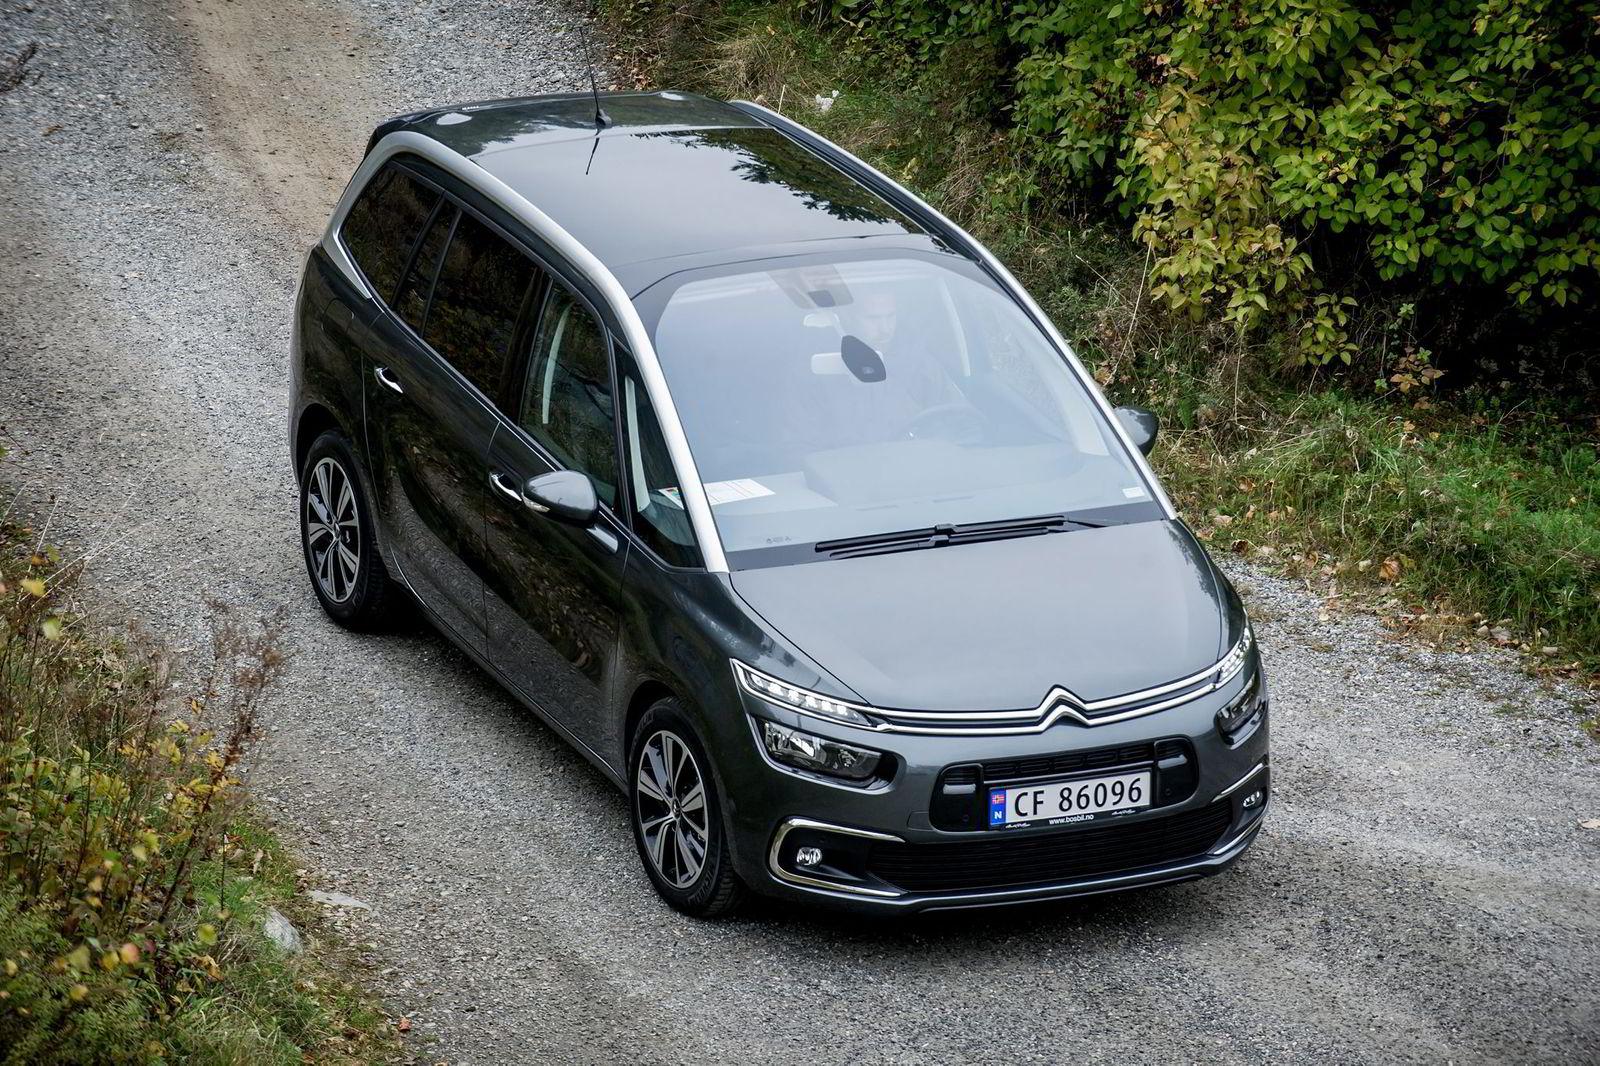 Citroën Grand C4 Picasso ble nummer tre. Foto: Gorm K. Gaare